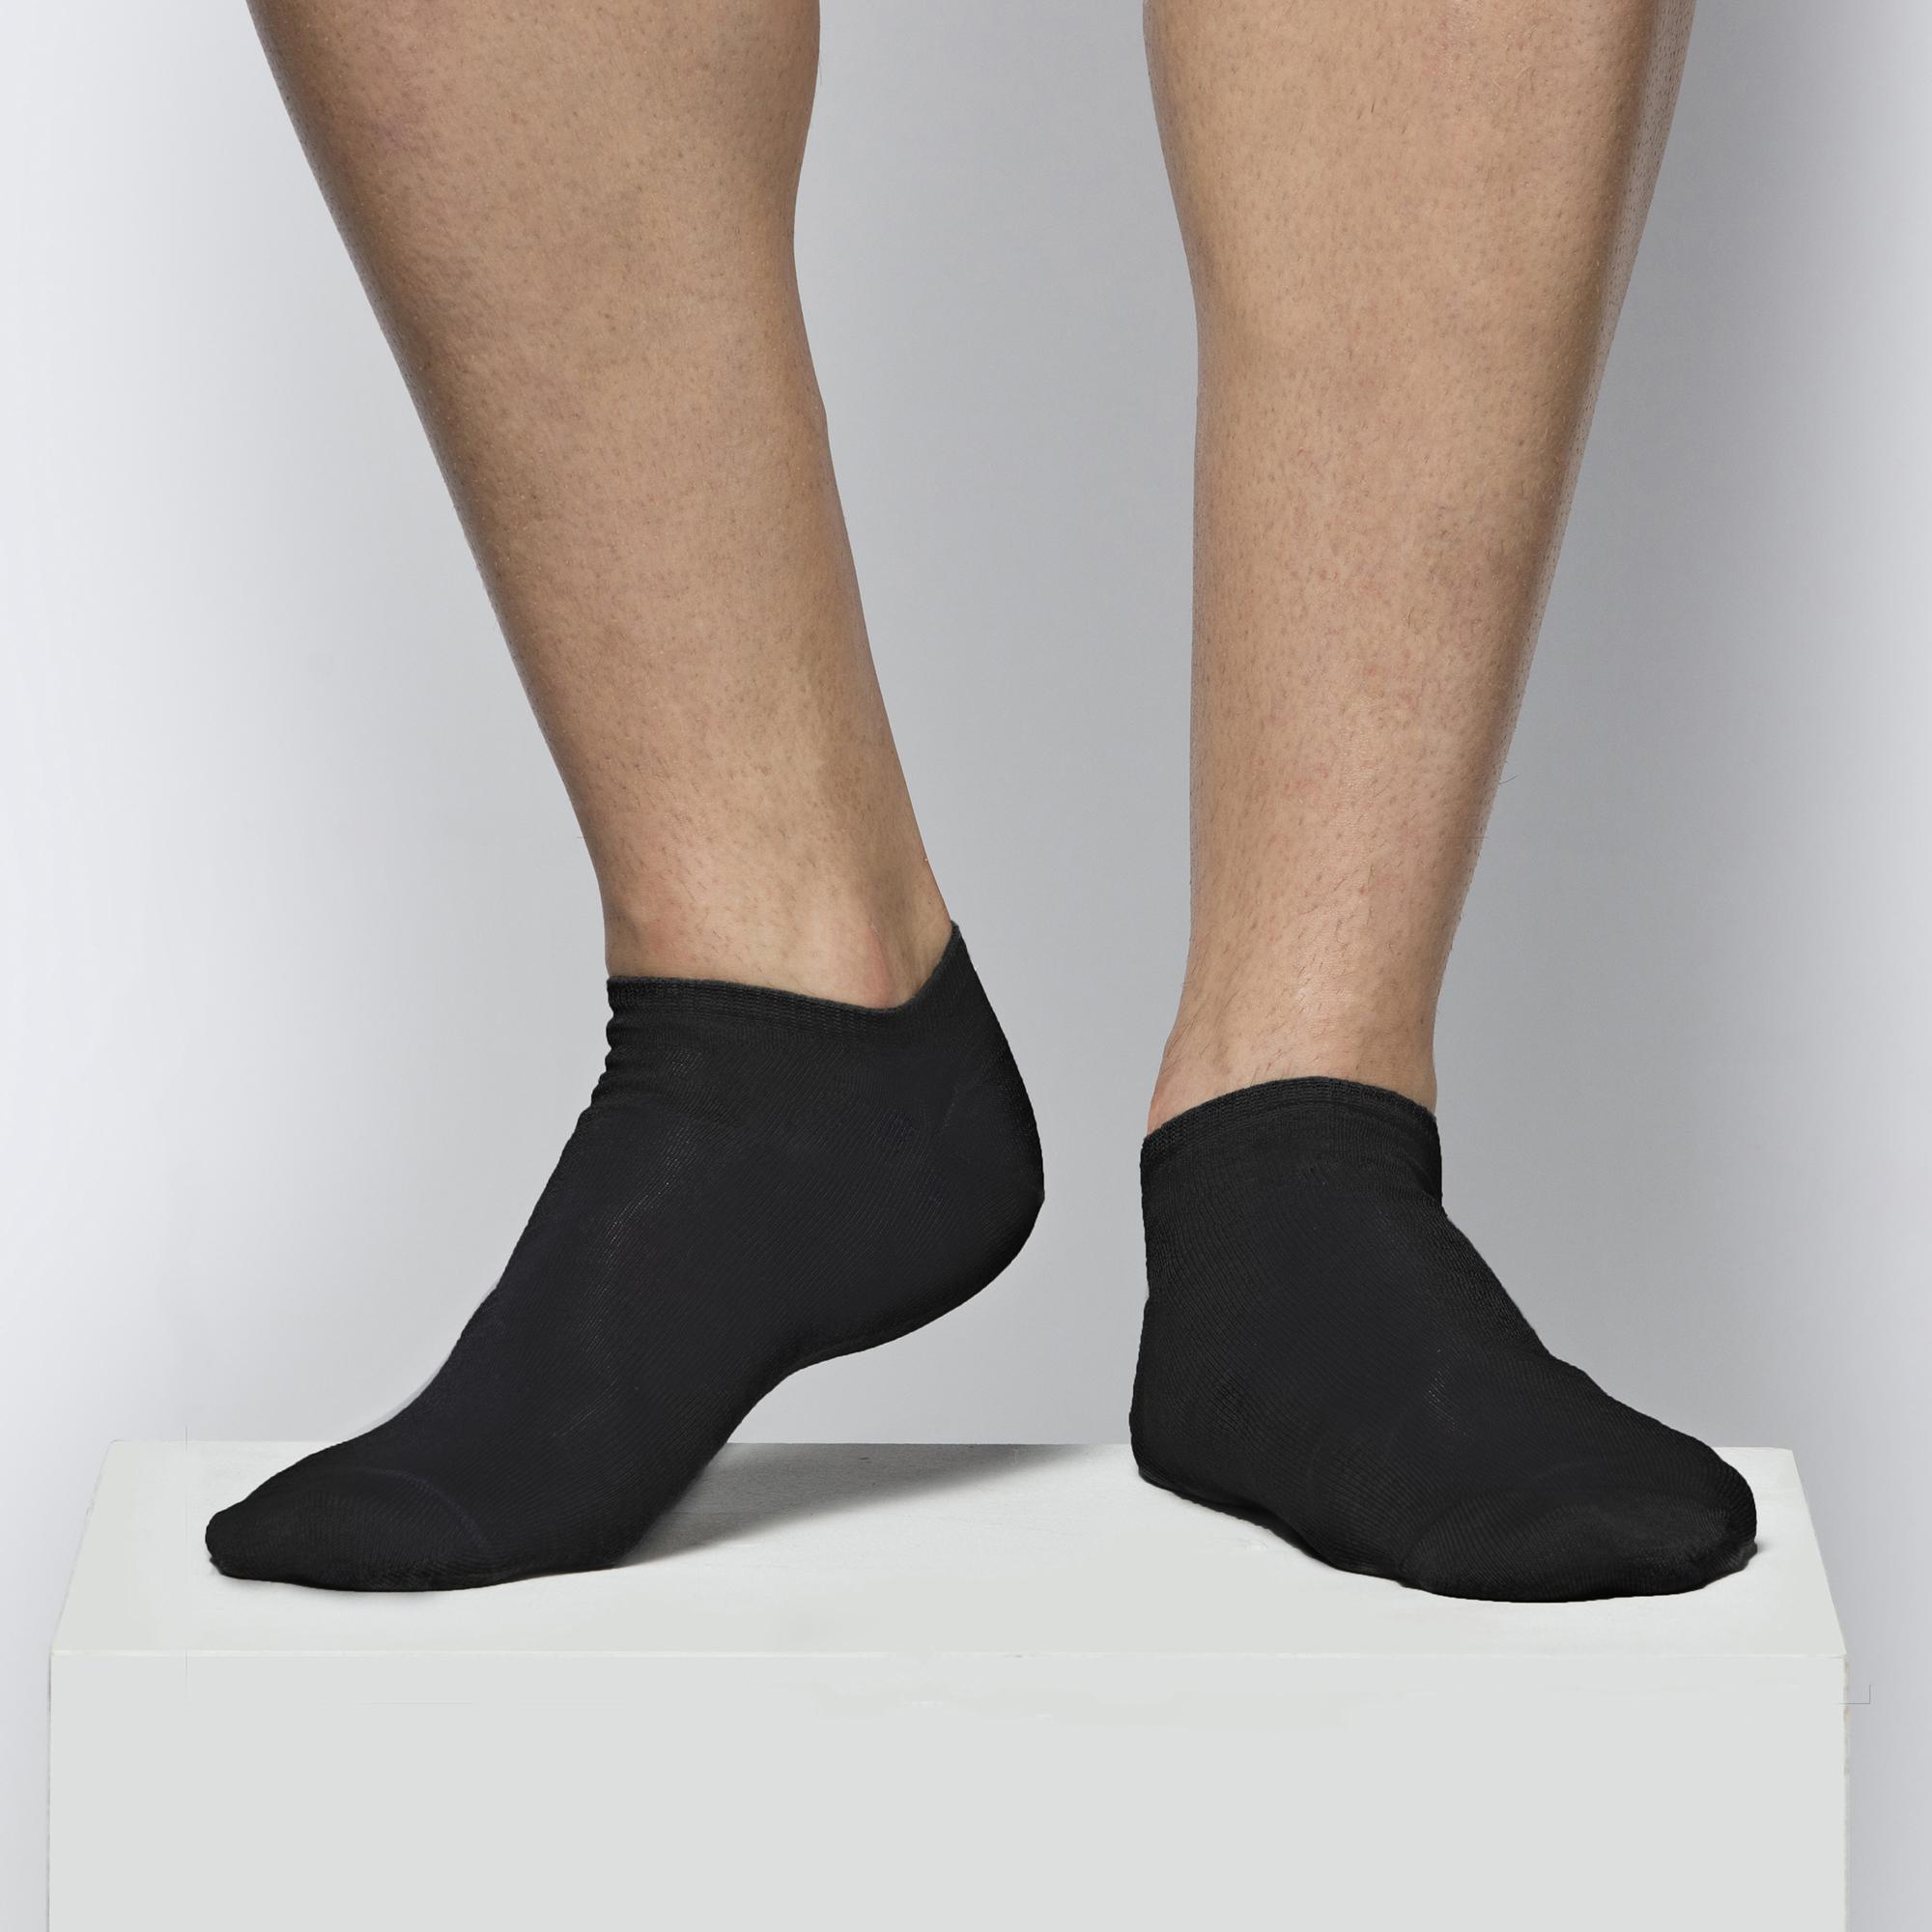 Укороченные носки мужские Atlantic, 1 пара в уп., бамбук, черные, MSB-001